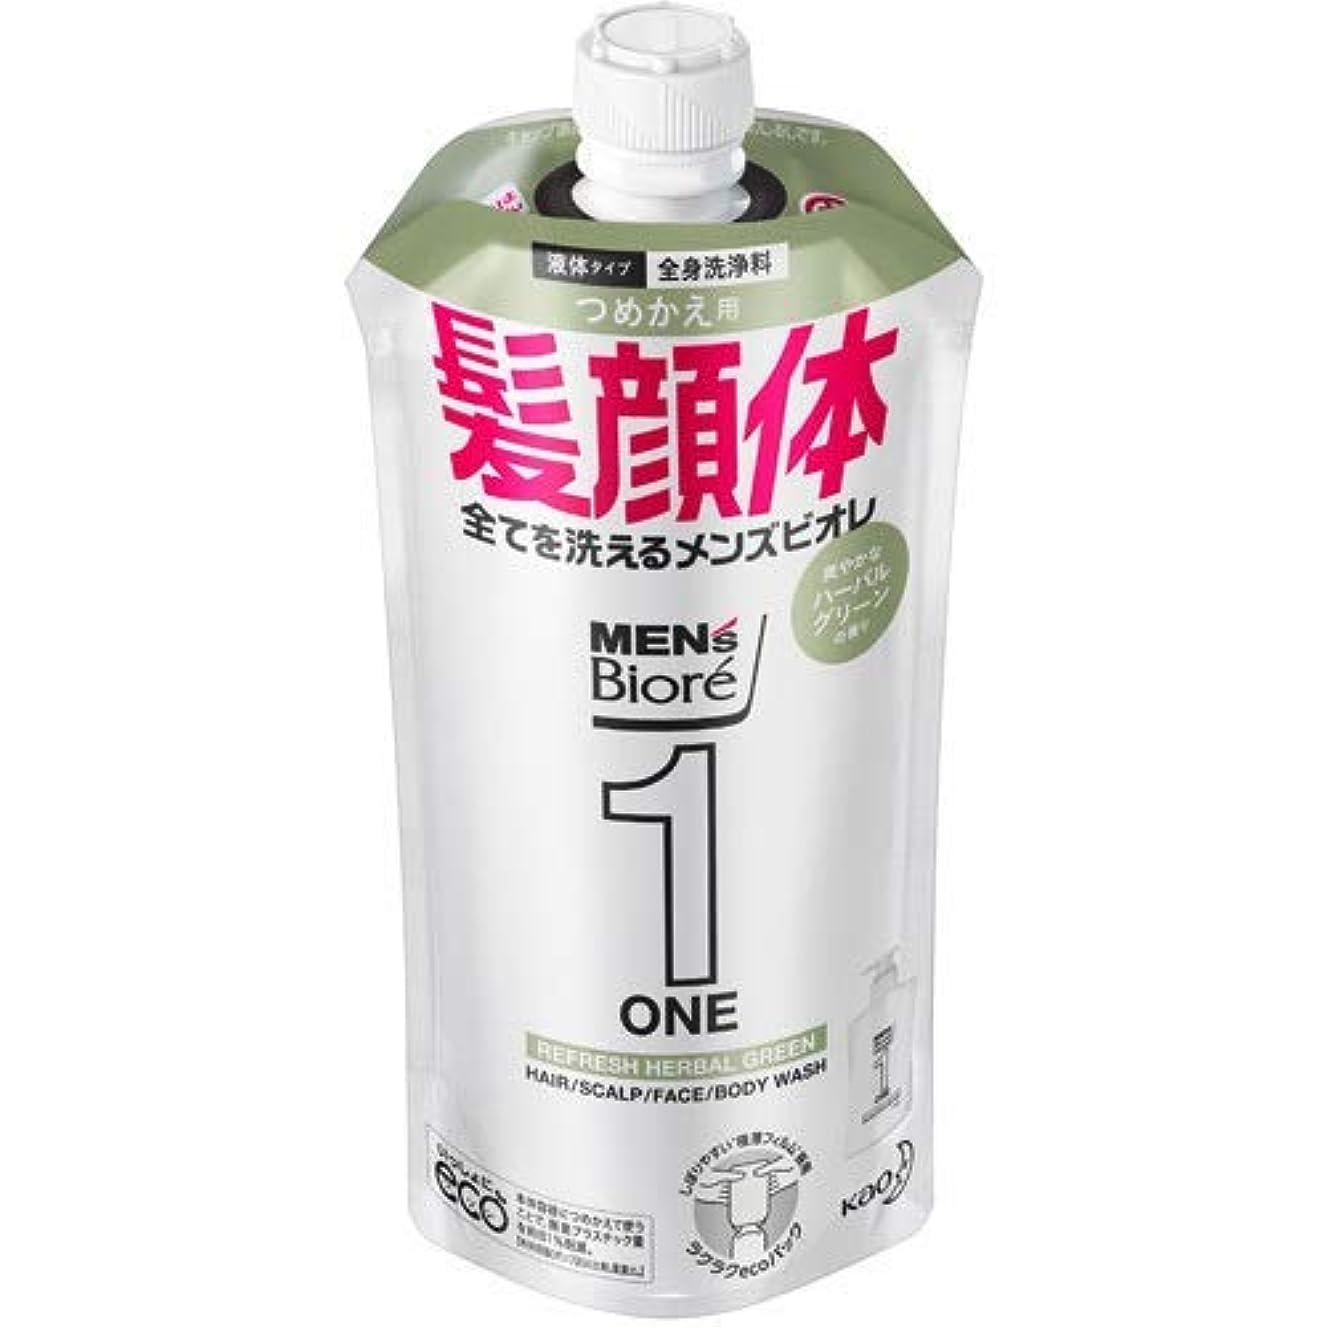 外部間に合わせオリエント【10個セット】メンズビオレONE オールインワン全身洗浄料 爽やかなハーブルグリーンの香り つめかえ用 340mL